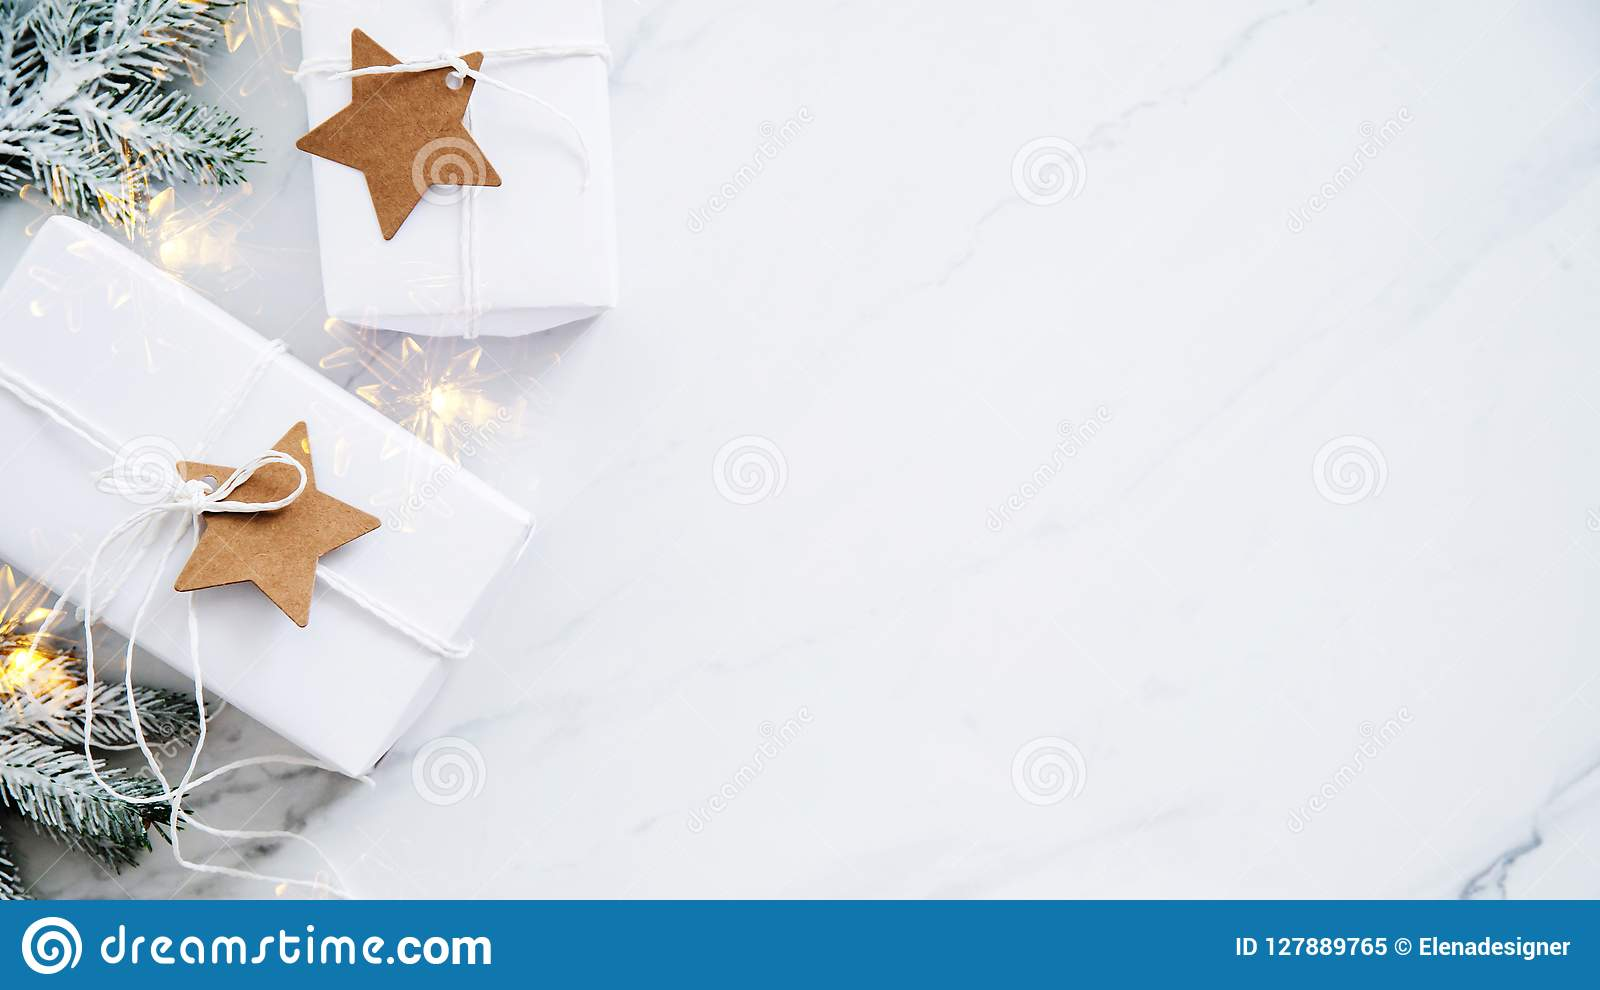 Weihnachtshandgemachte Geschenkboxen auf Draufsicht des weißen Marmorhintergrundes Grußkarte der frohen Weihnachten, Rahmen Winte